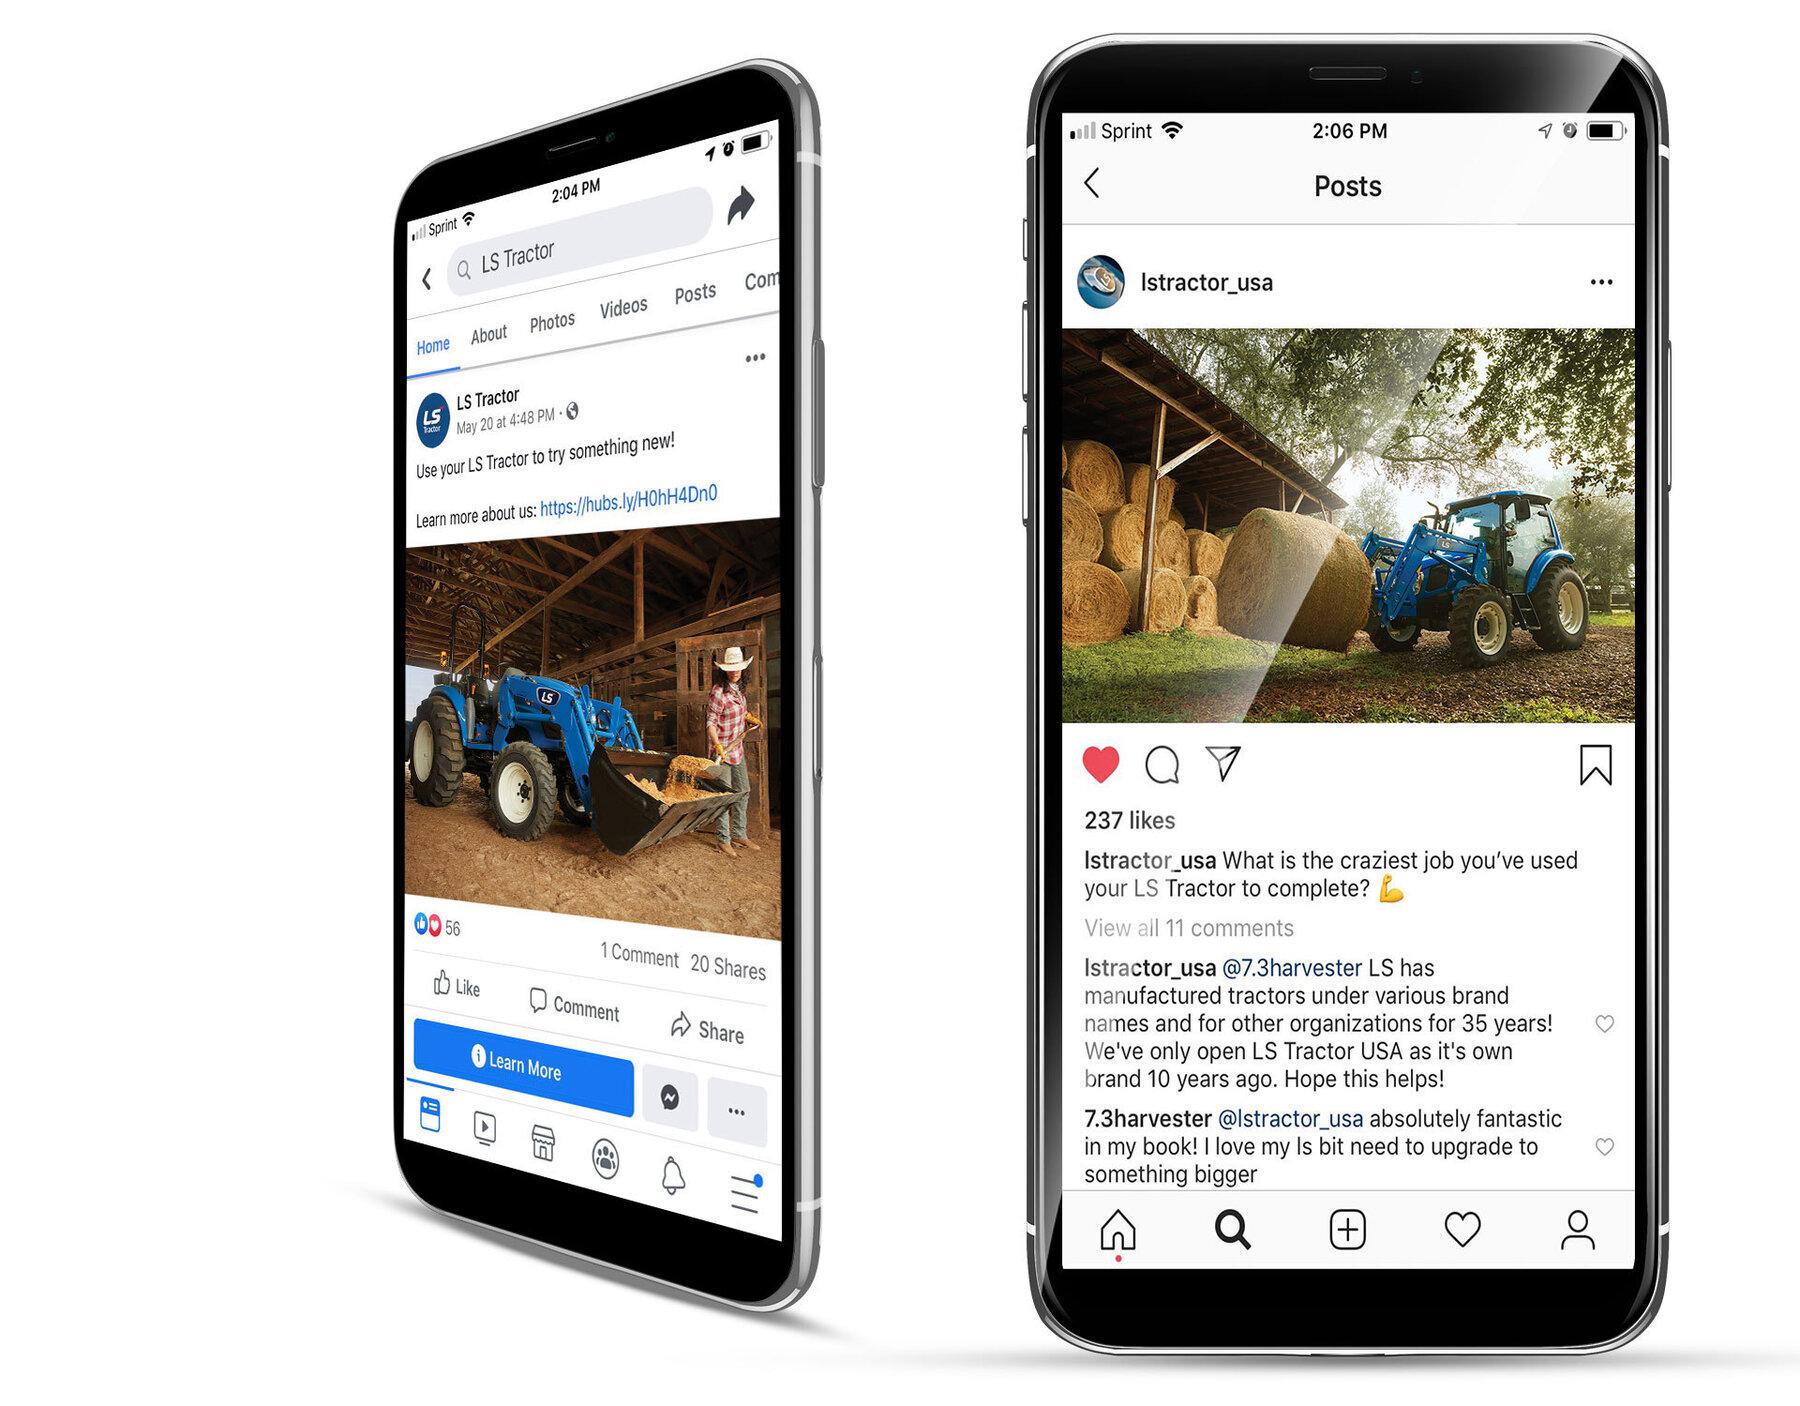 Ls tractor social media